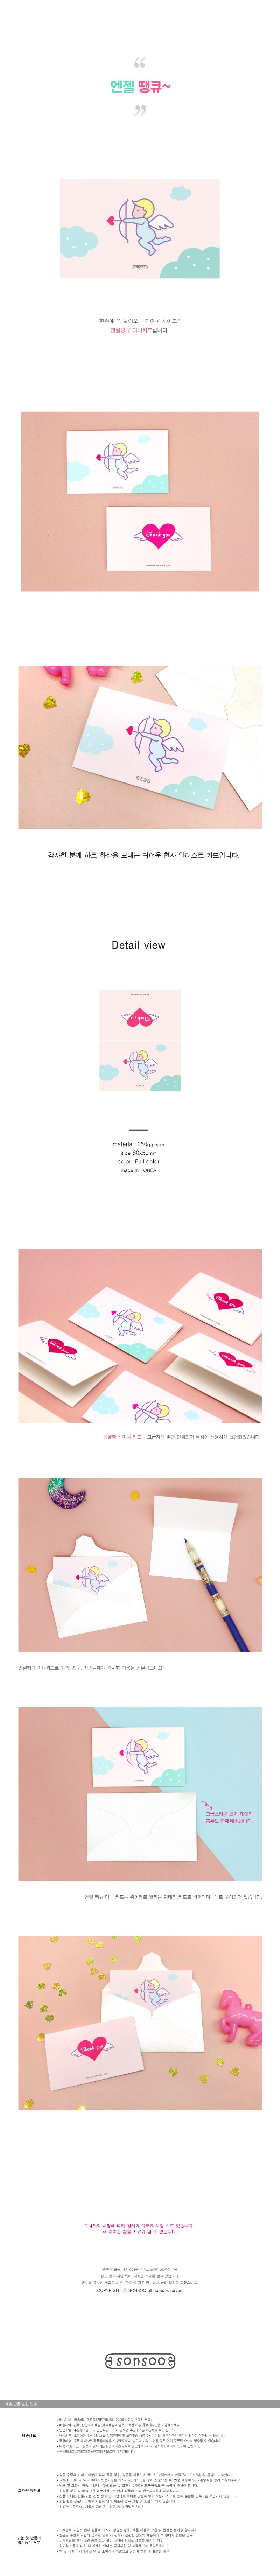 엔젤땡큐 미니카드 - 손수카드, 1,000원, 카드, 미니 카드